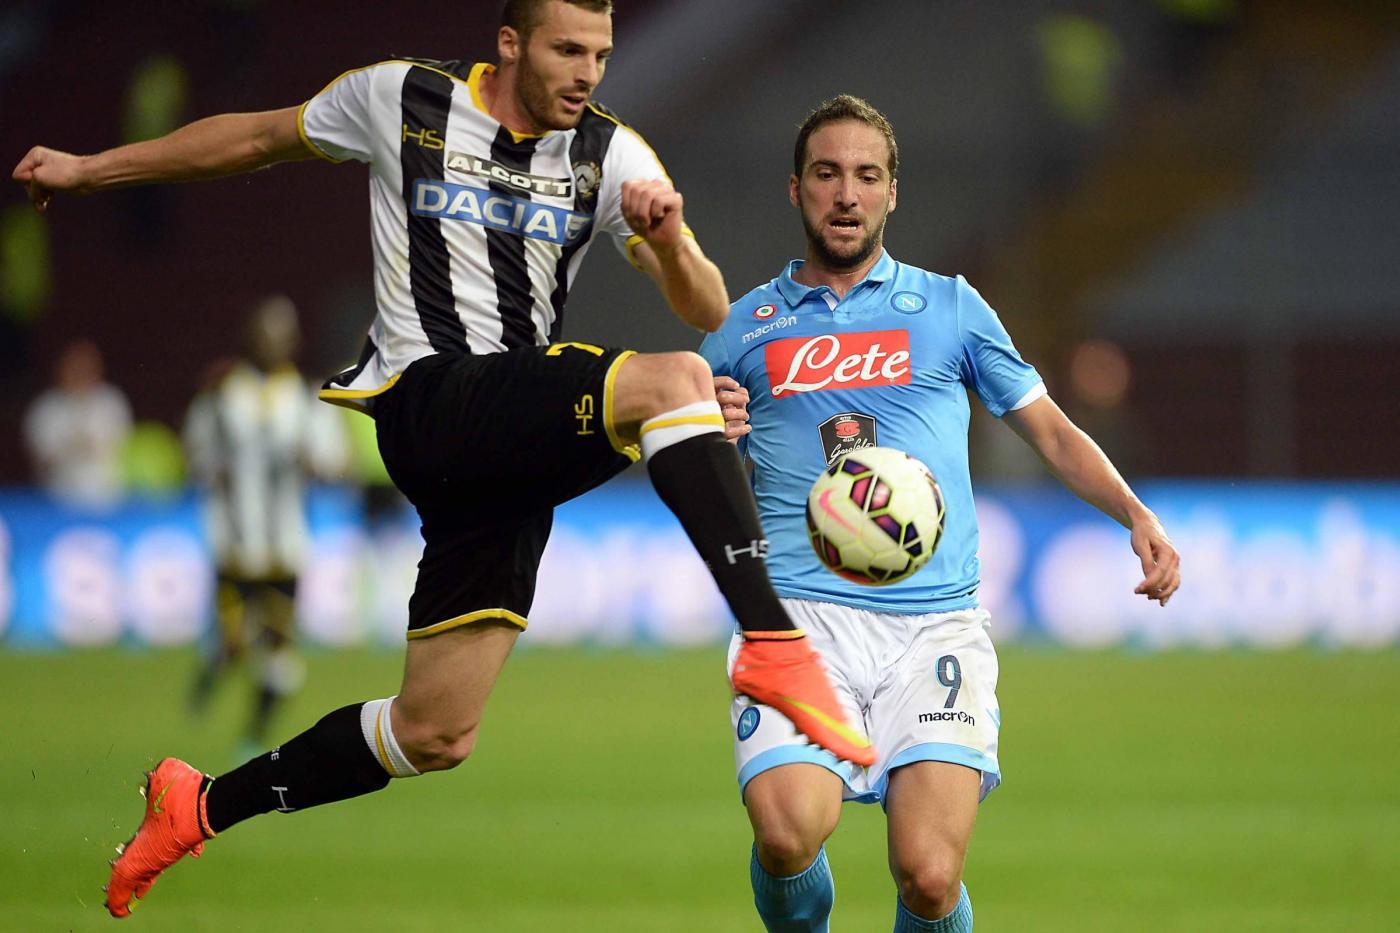 Coppa Italia, Napoli vs Udinese 7-6 ai rigori: polemiche e emozioni